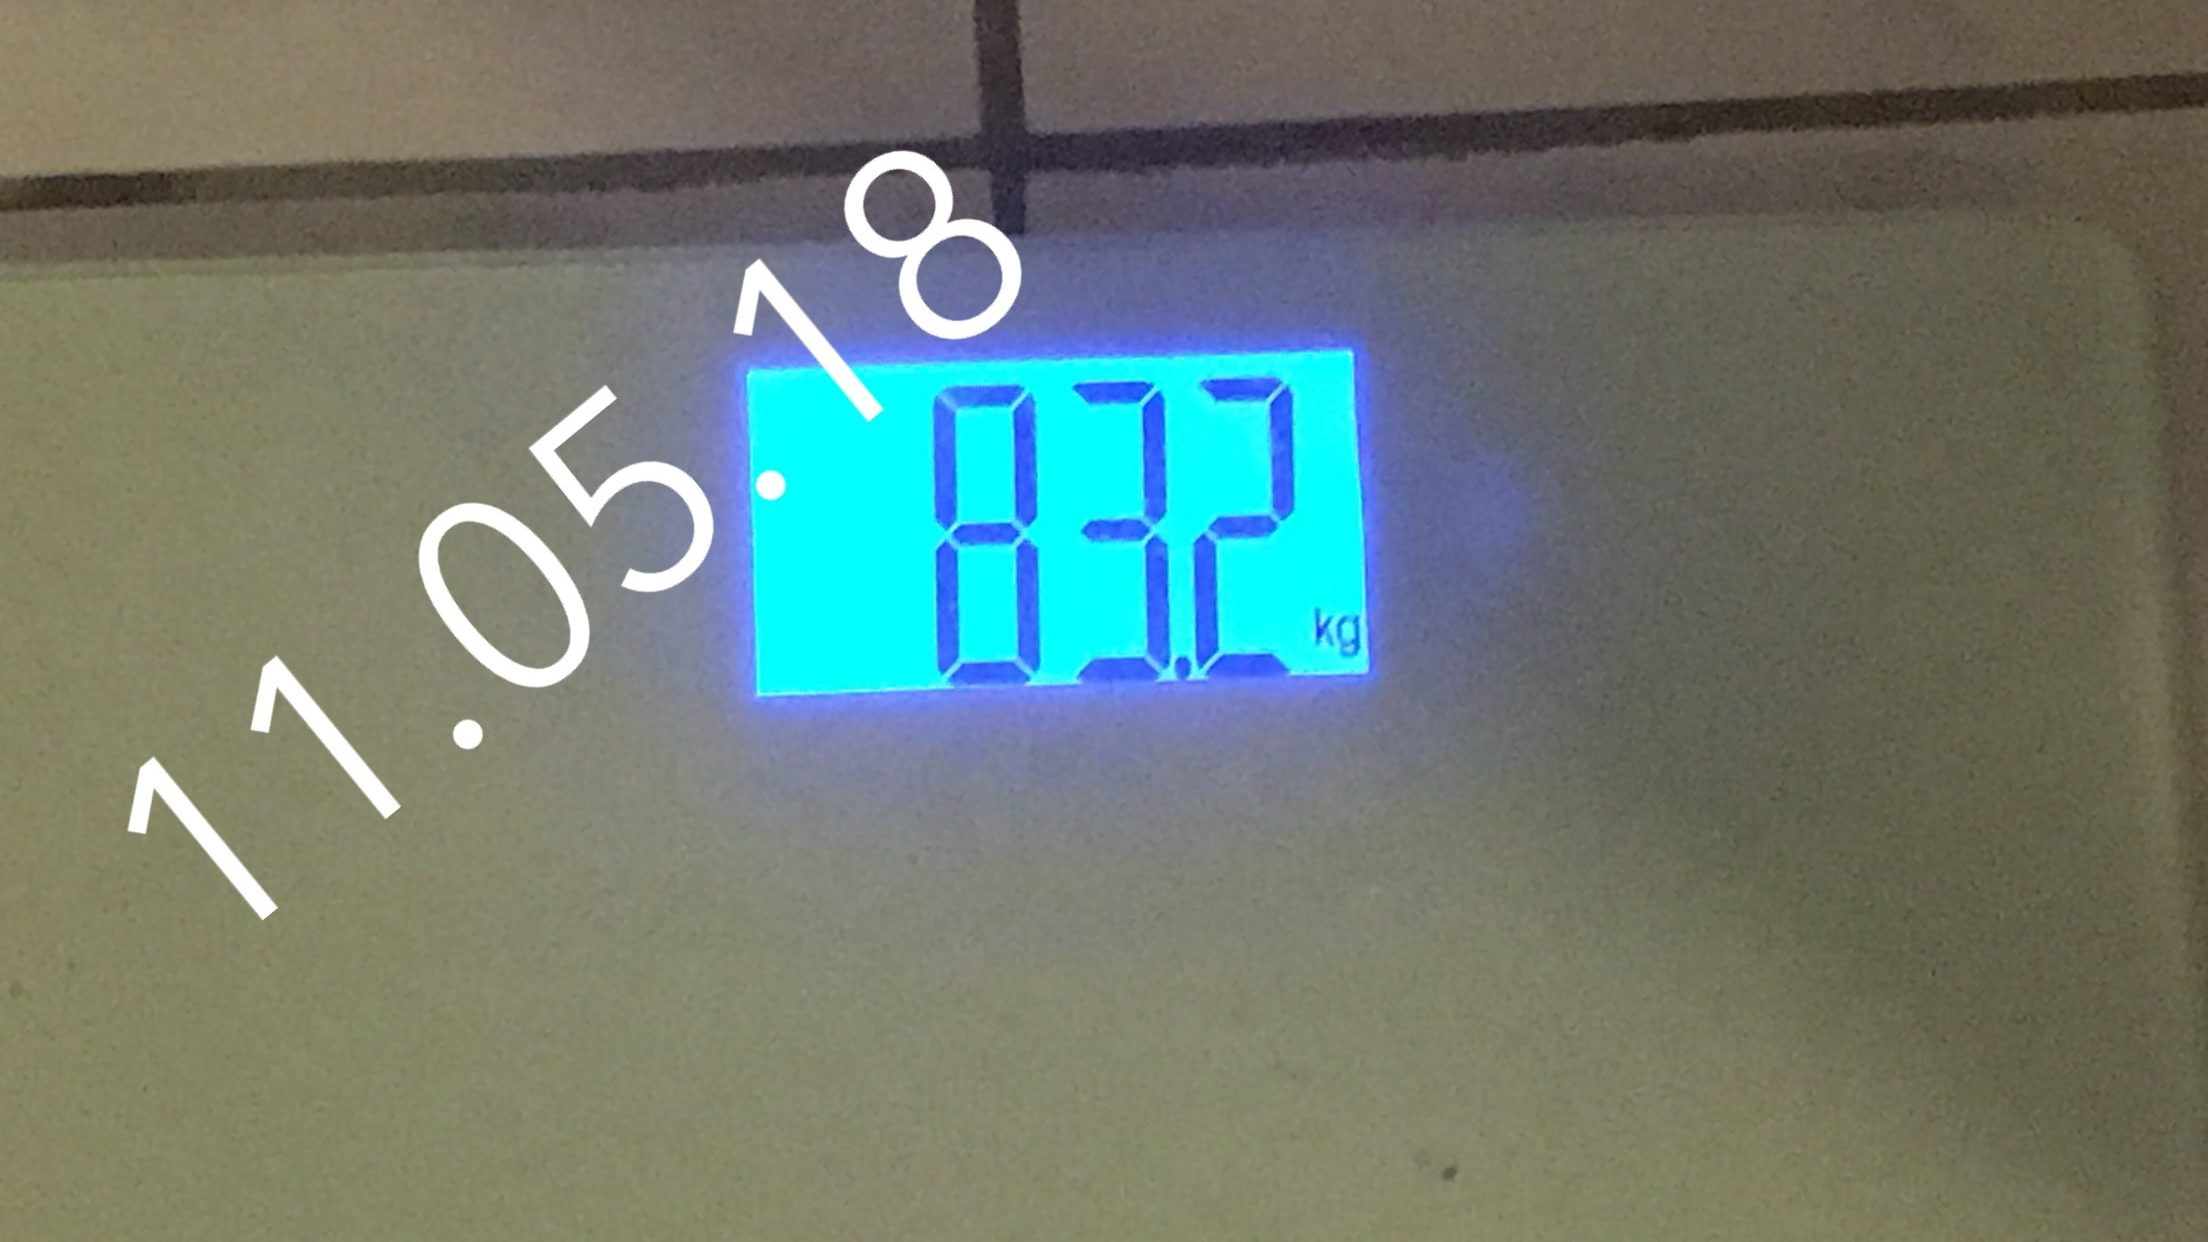 11.05.18 - schnell zunehmen wie